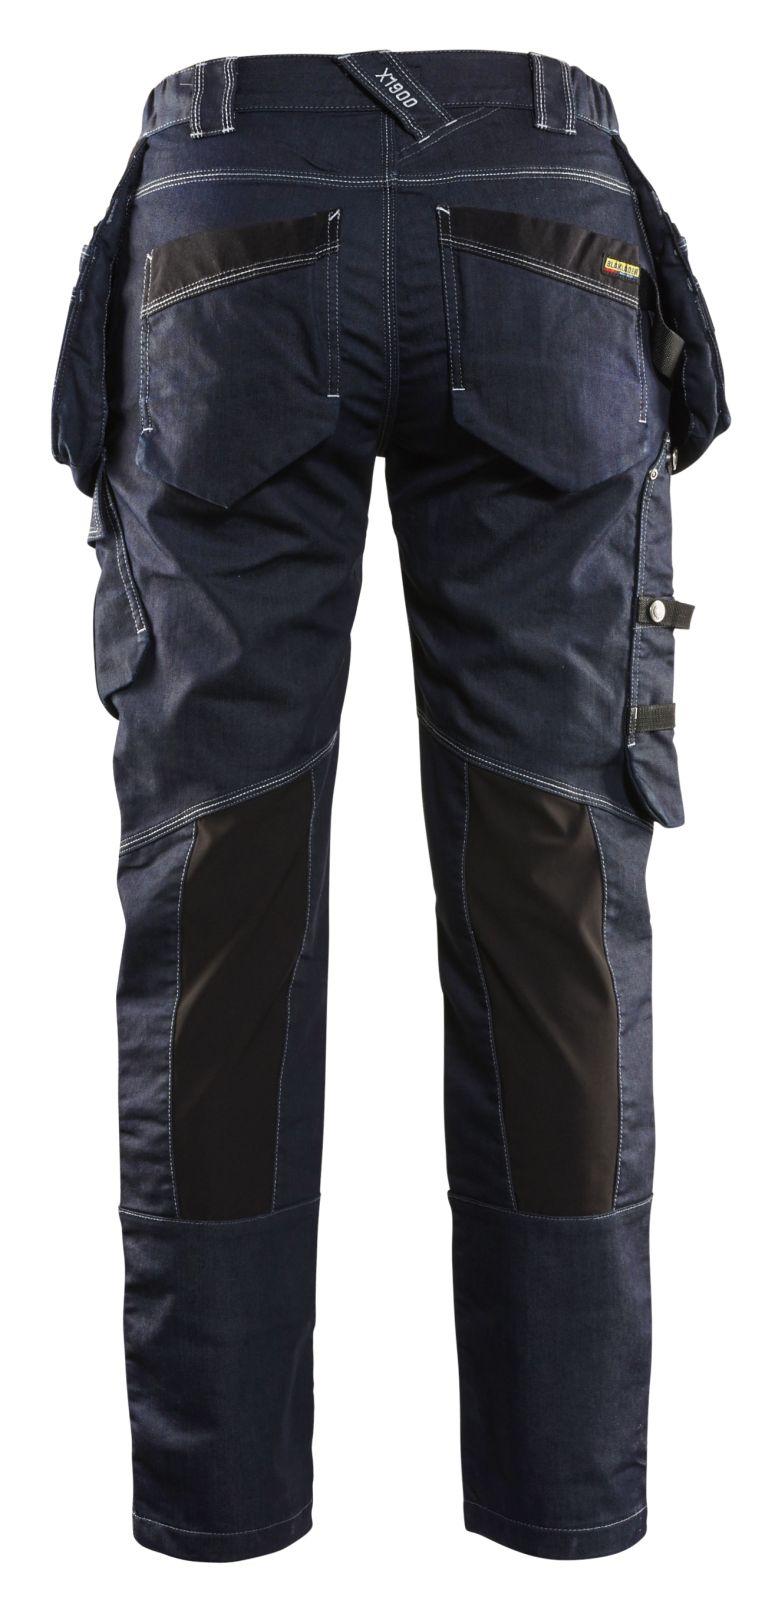 Blaklader Dames werkbroeken 79901141 marineblauw-zwart(8999)